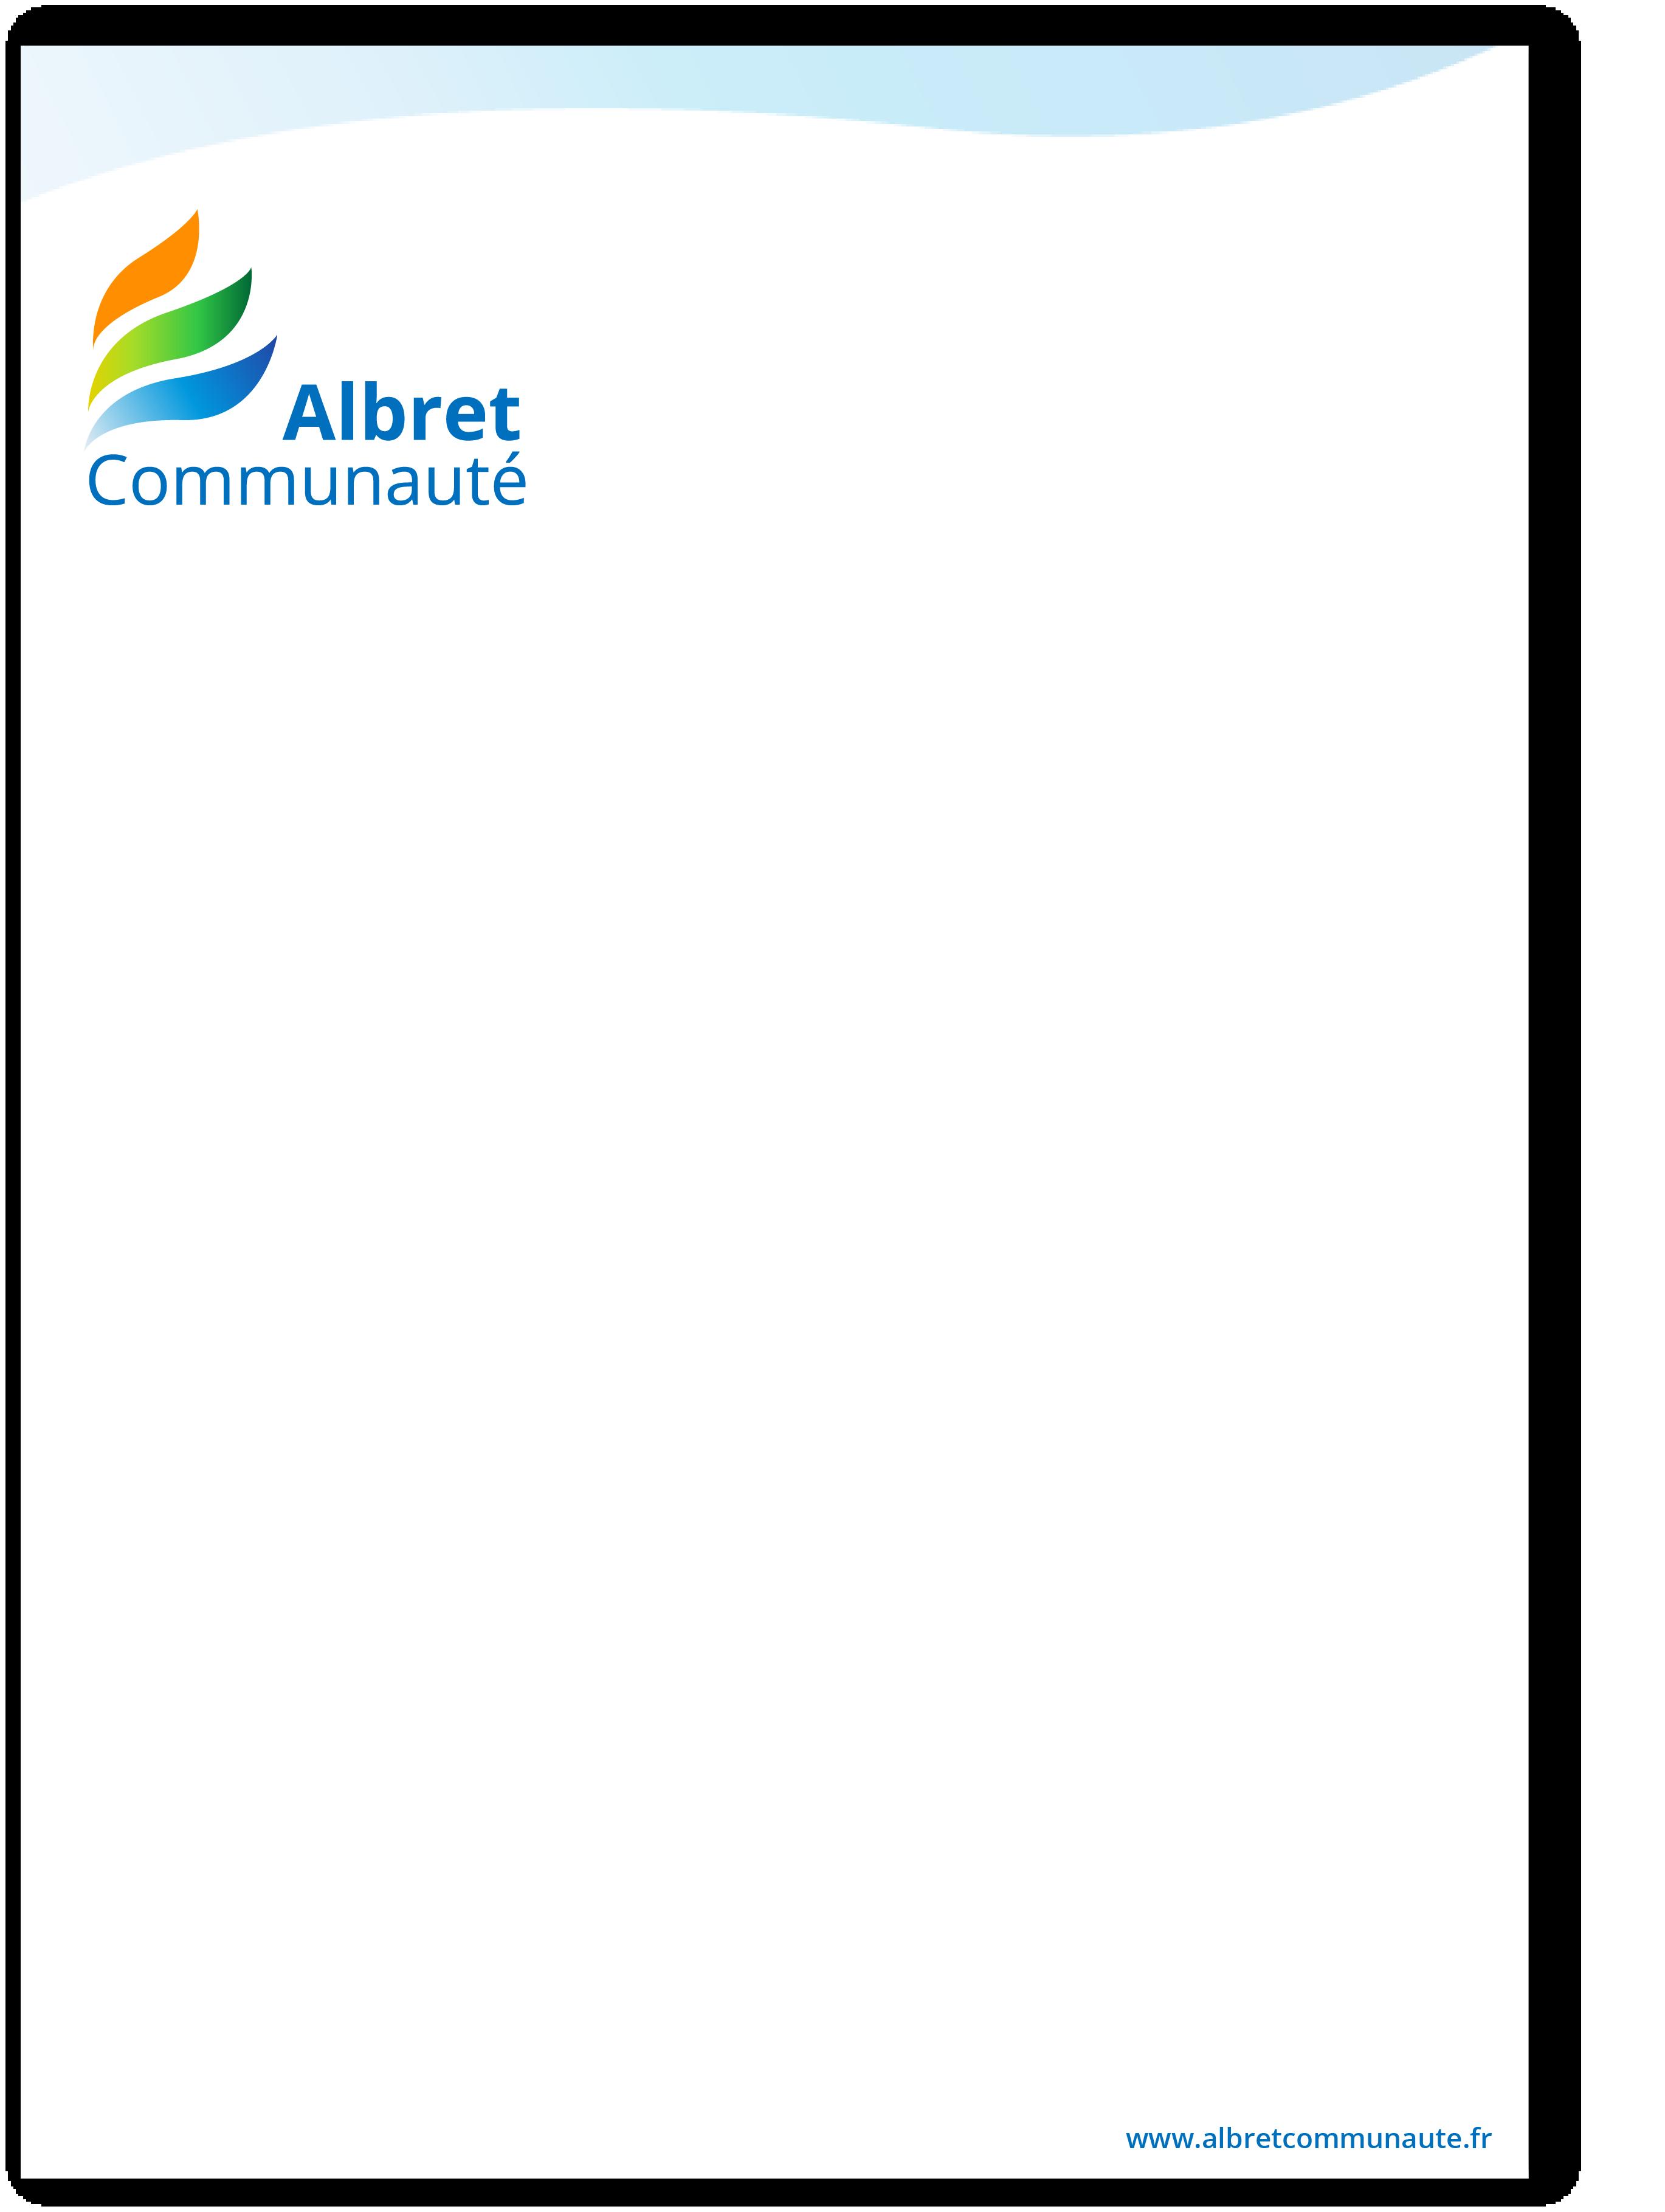 Exemple pochette recto charte graphique Albret Communauté